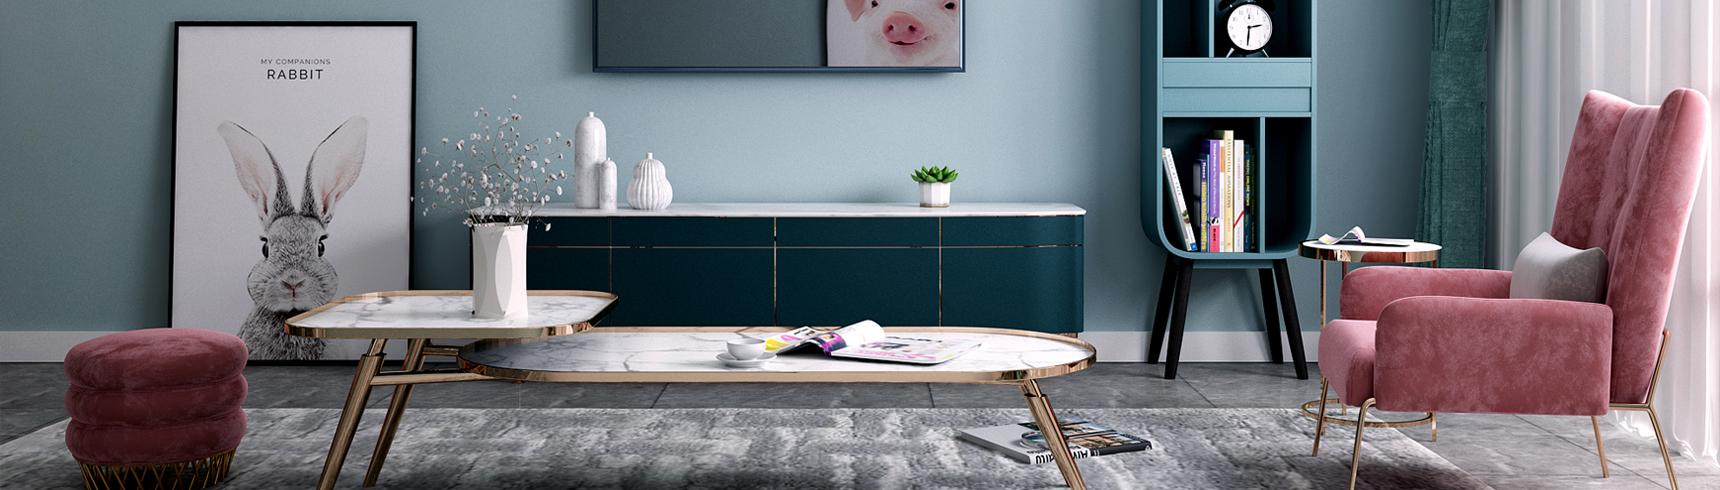 北欧小清新开通 吊灯 沙发茶几 挂画3D模型下载